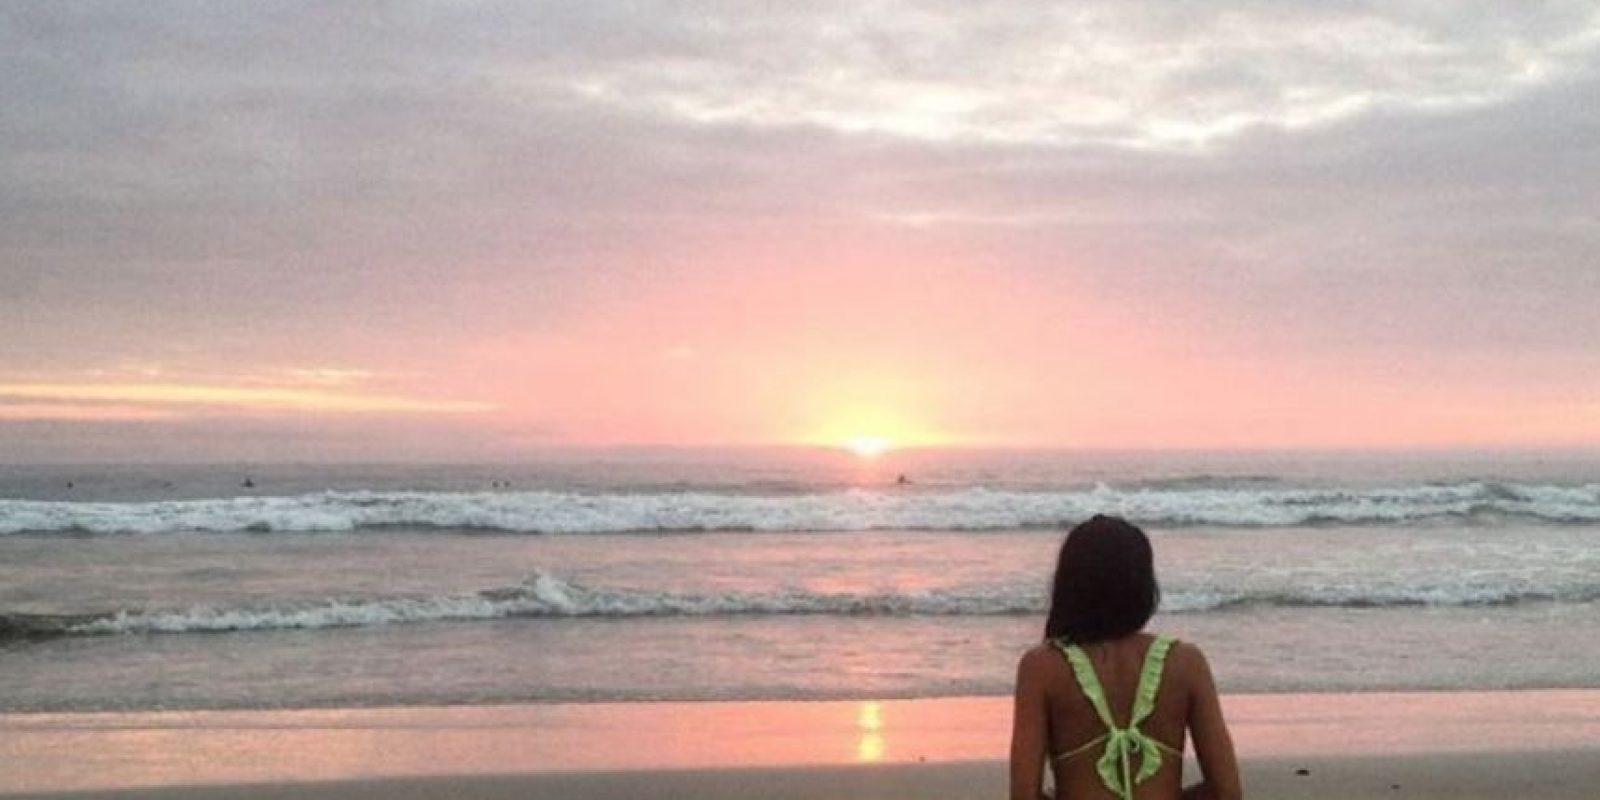 Después de conocer la noticia cientos de mensajes de despedida y aliento a las familias de las dos chicas fueron compartidos en distintas redes sociales. Foto: instagram.com/mariajose.coni/. Imagen Por: